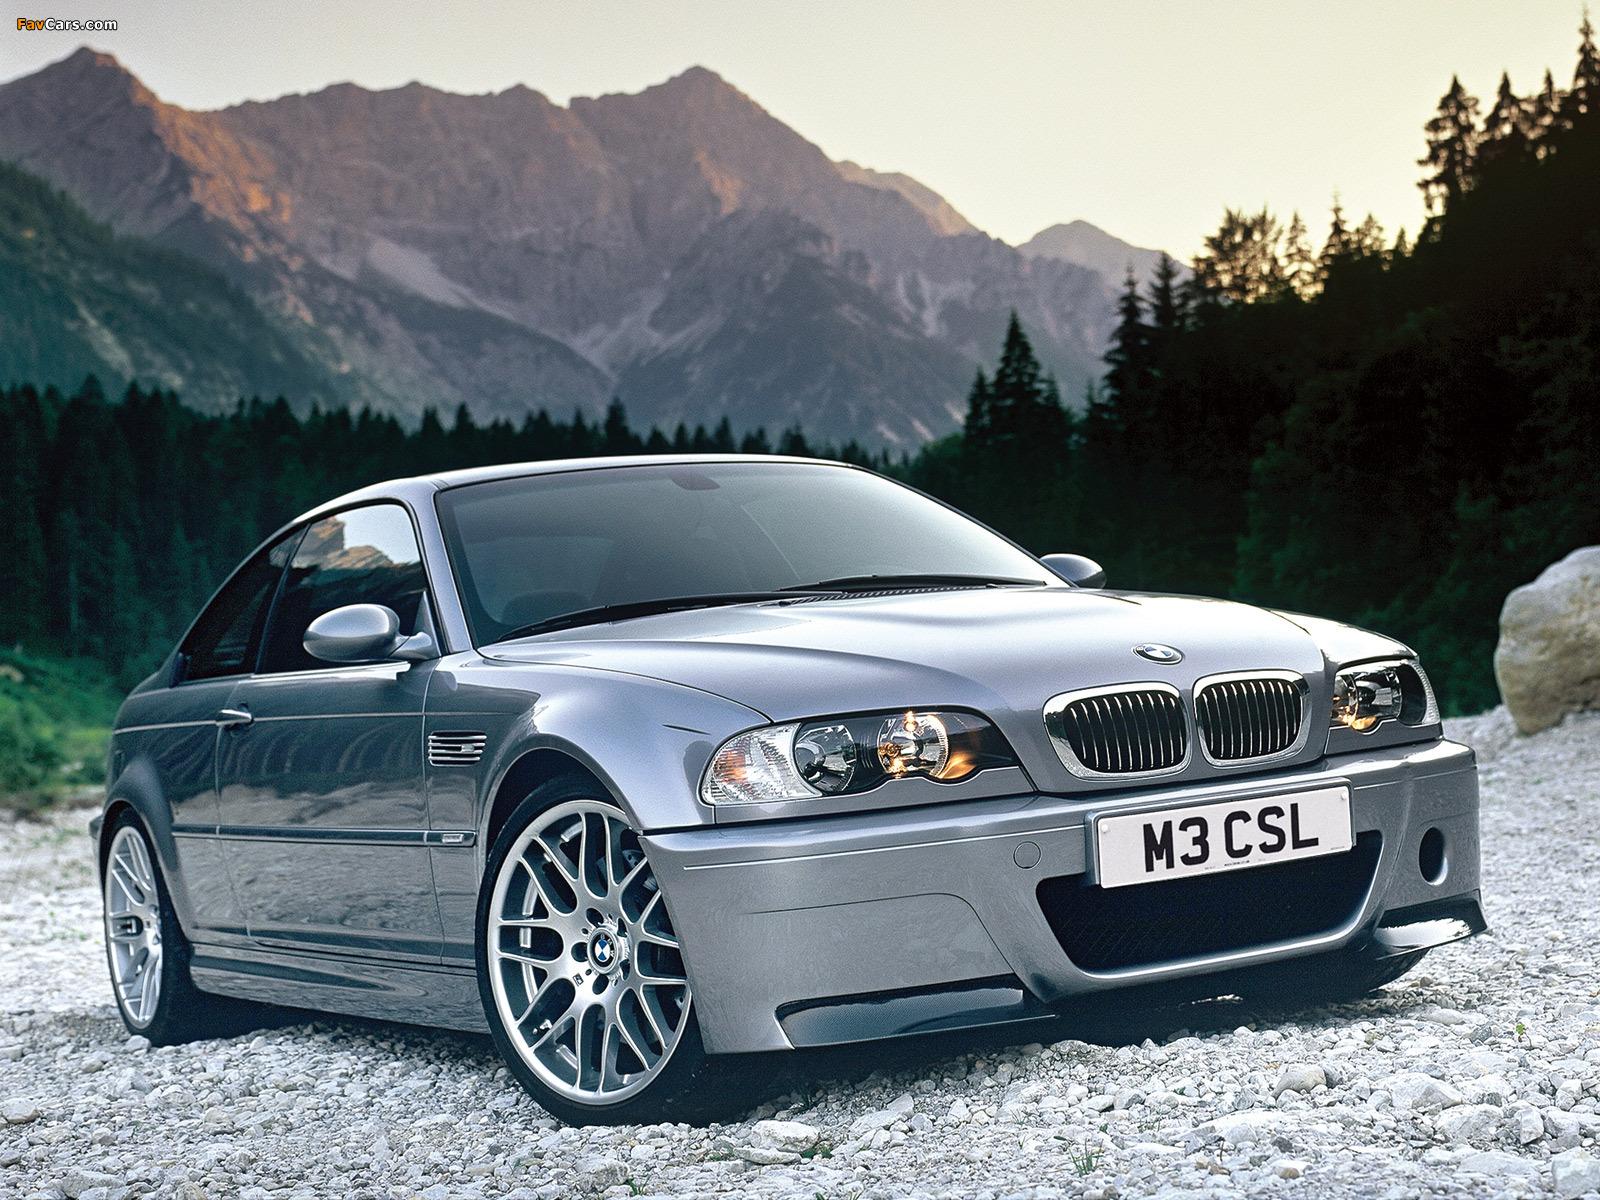 BMW M3 CSL Coupe (E46) 2003 photos